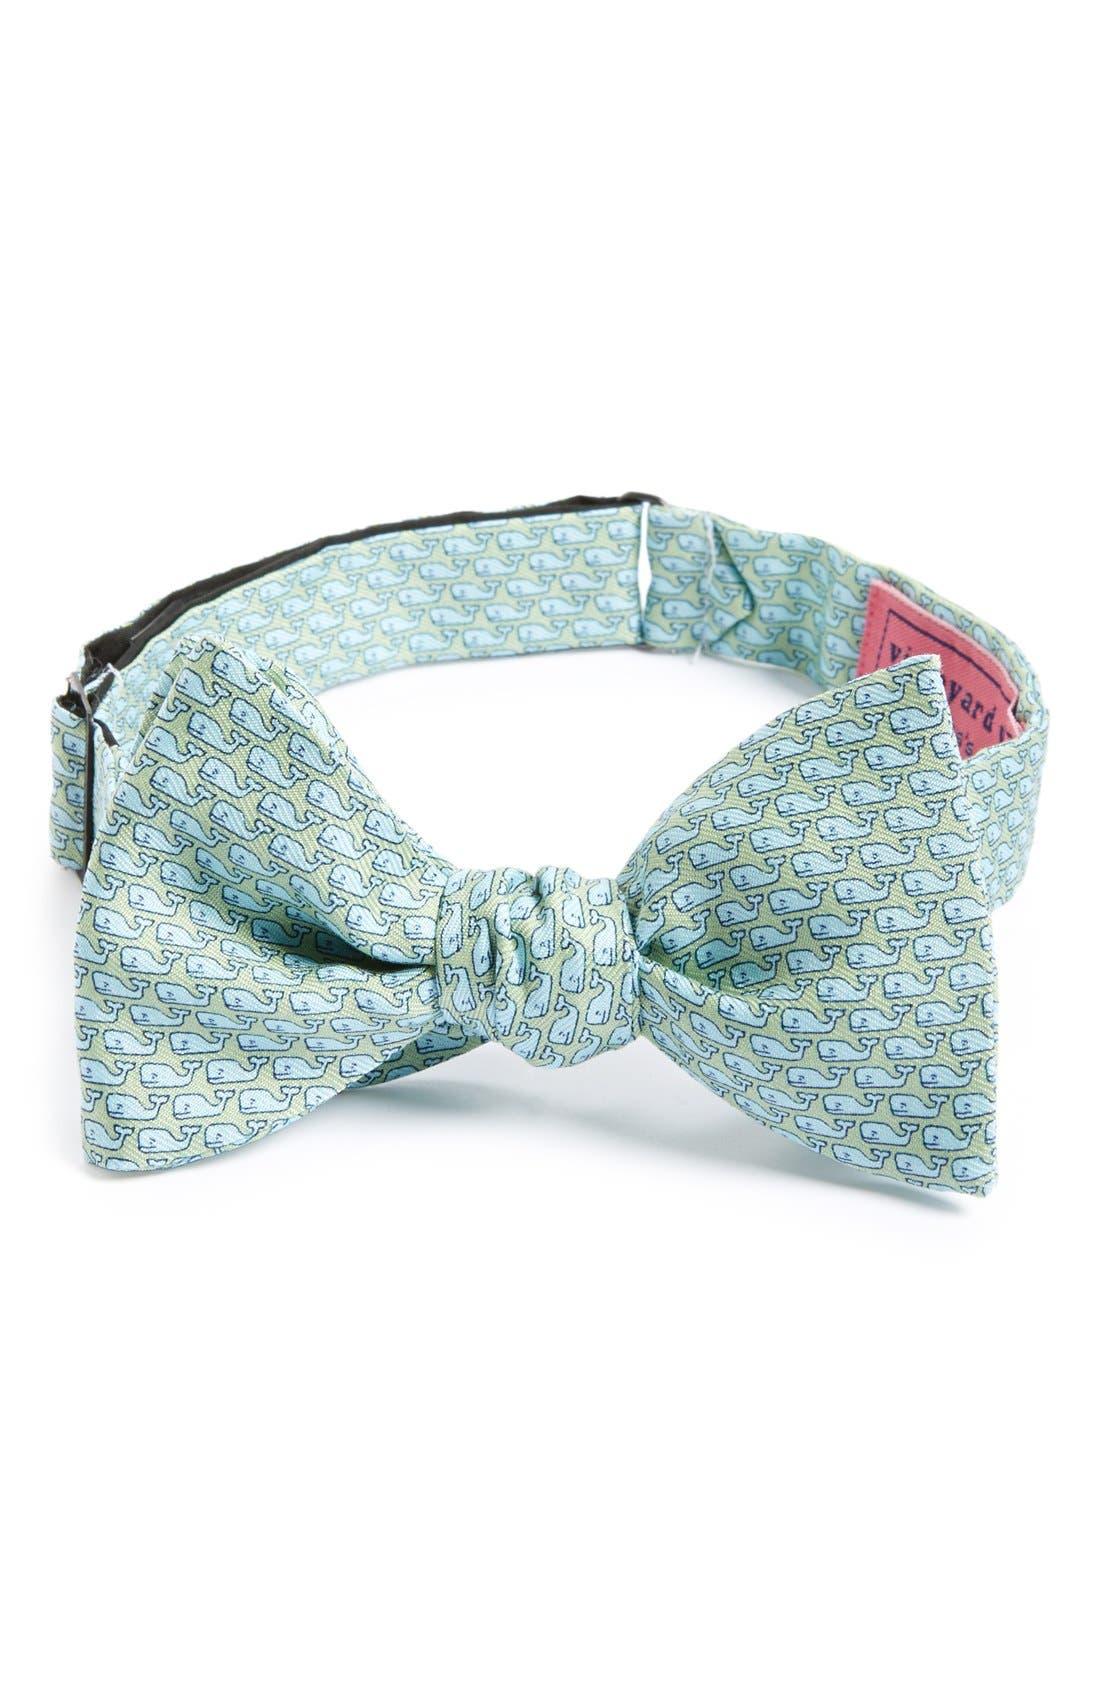 Alternate Image 1 Selected - vineyard vines Whale Print Silk Bow Tie